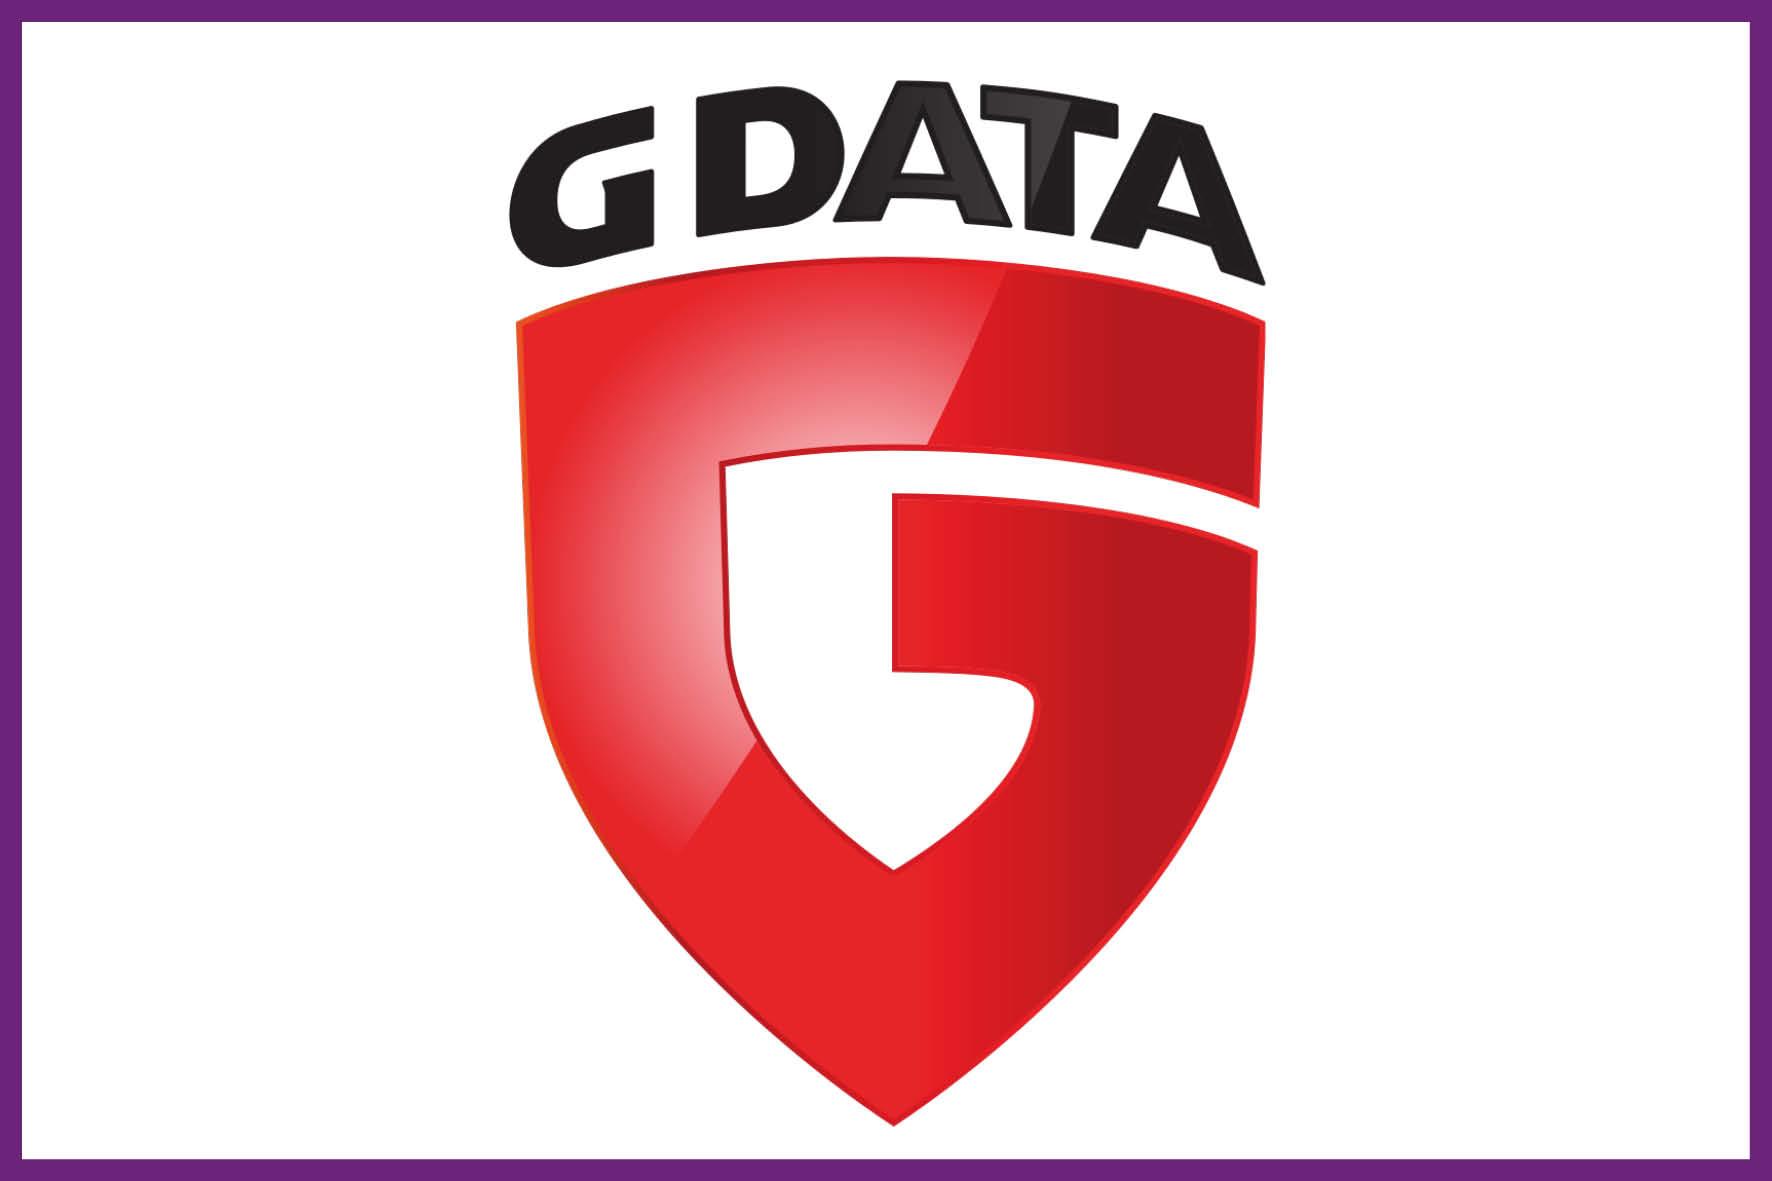 security-forum-gdata